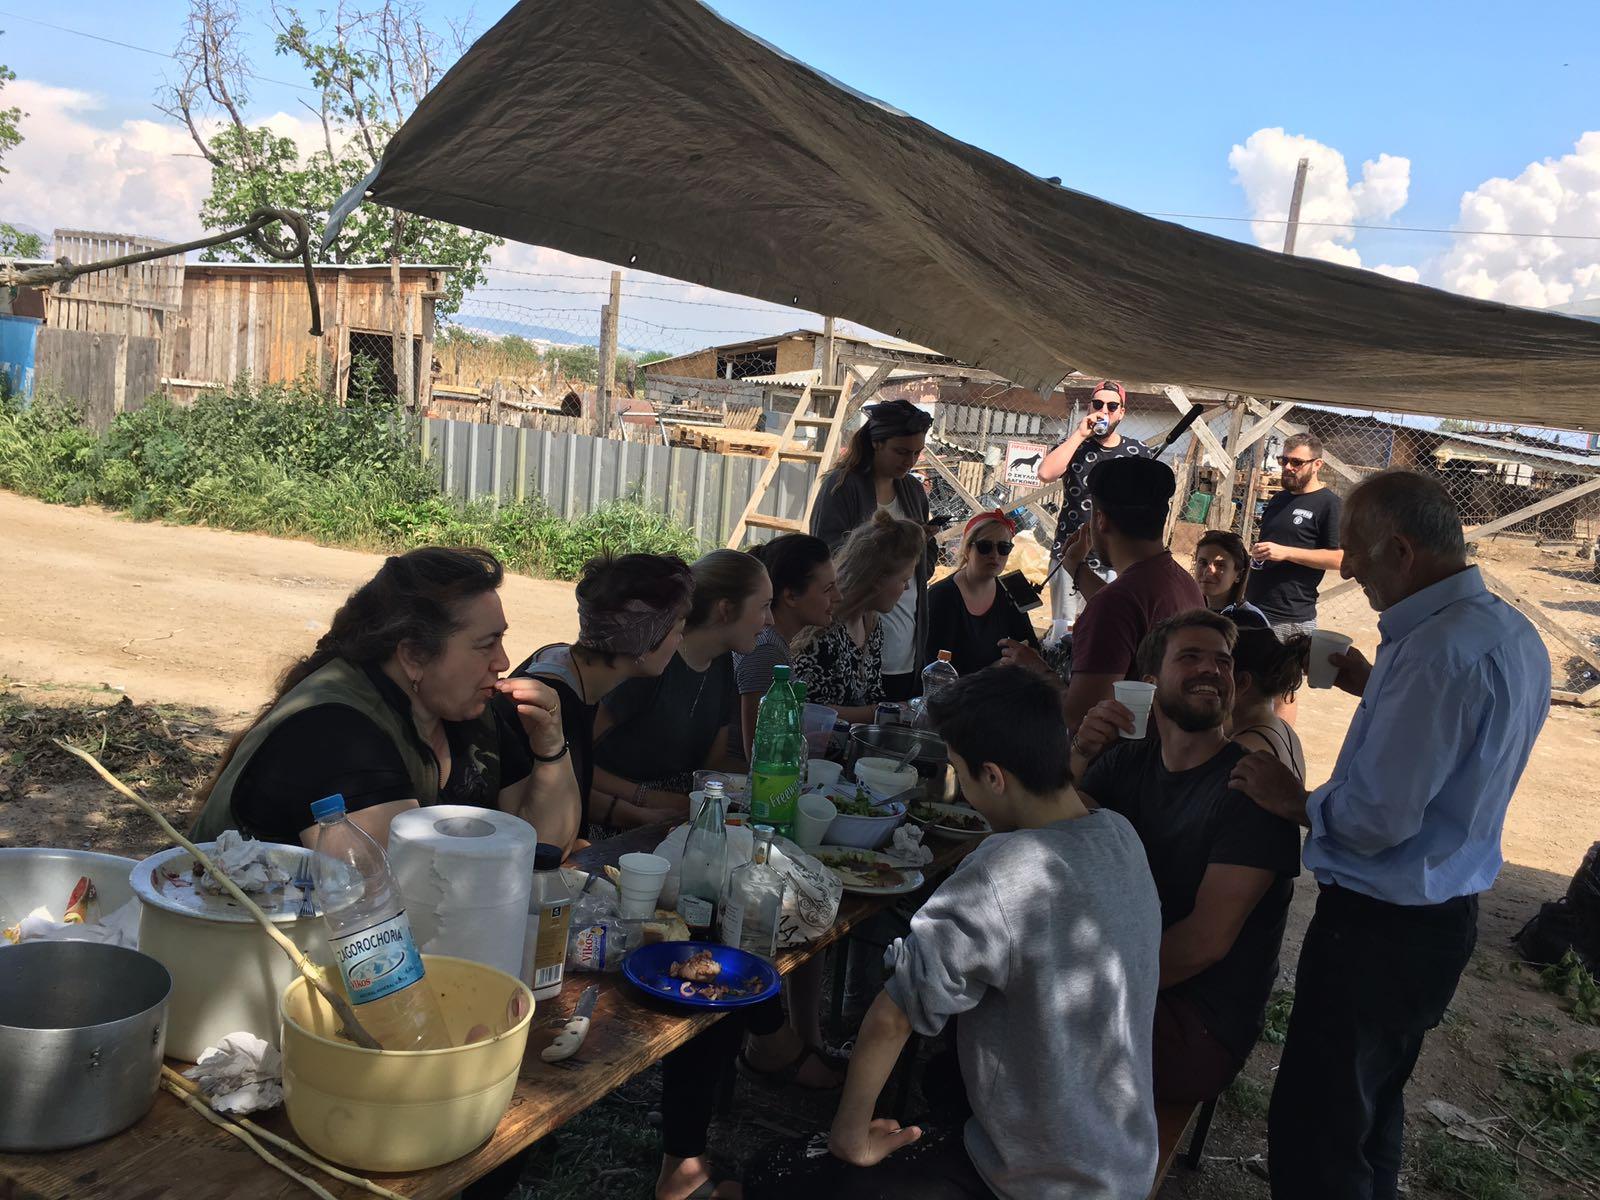 ostersonntag - aid hoc Hilfseinsatz Flüchtlingslager Griechenland